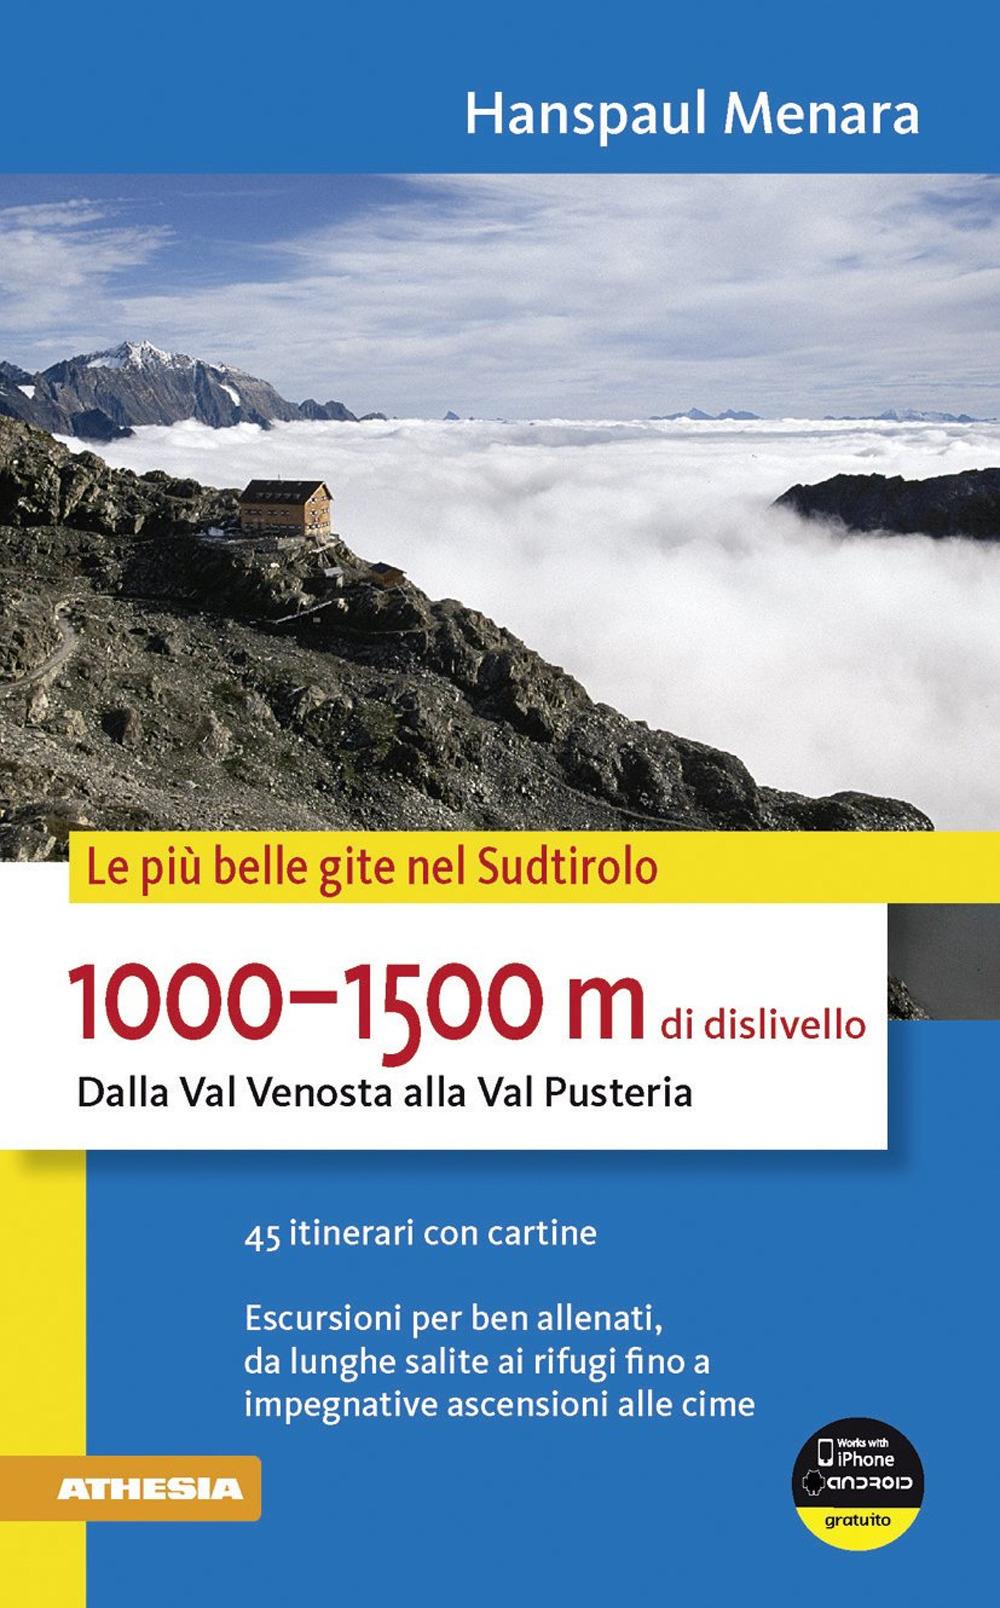 Image of 1000-1500 m di dislivello dalla Val Venosta alla Val Pusteria